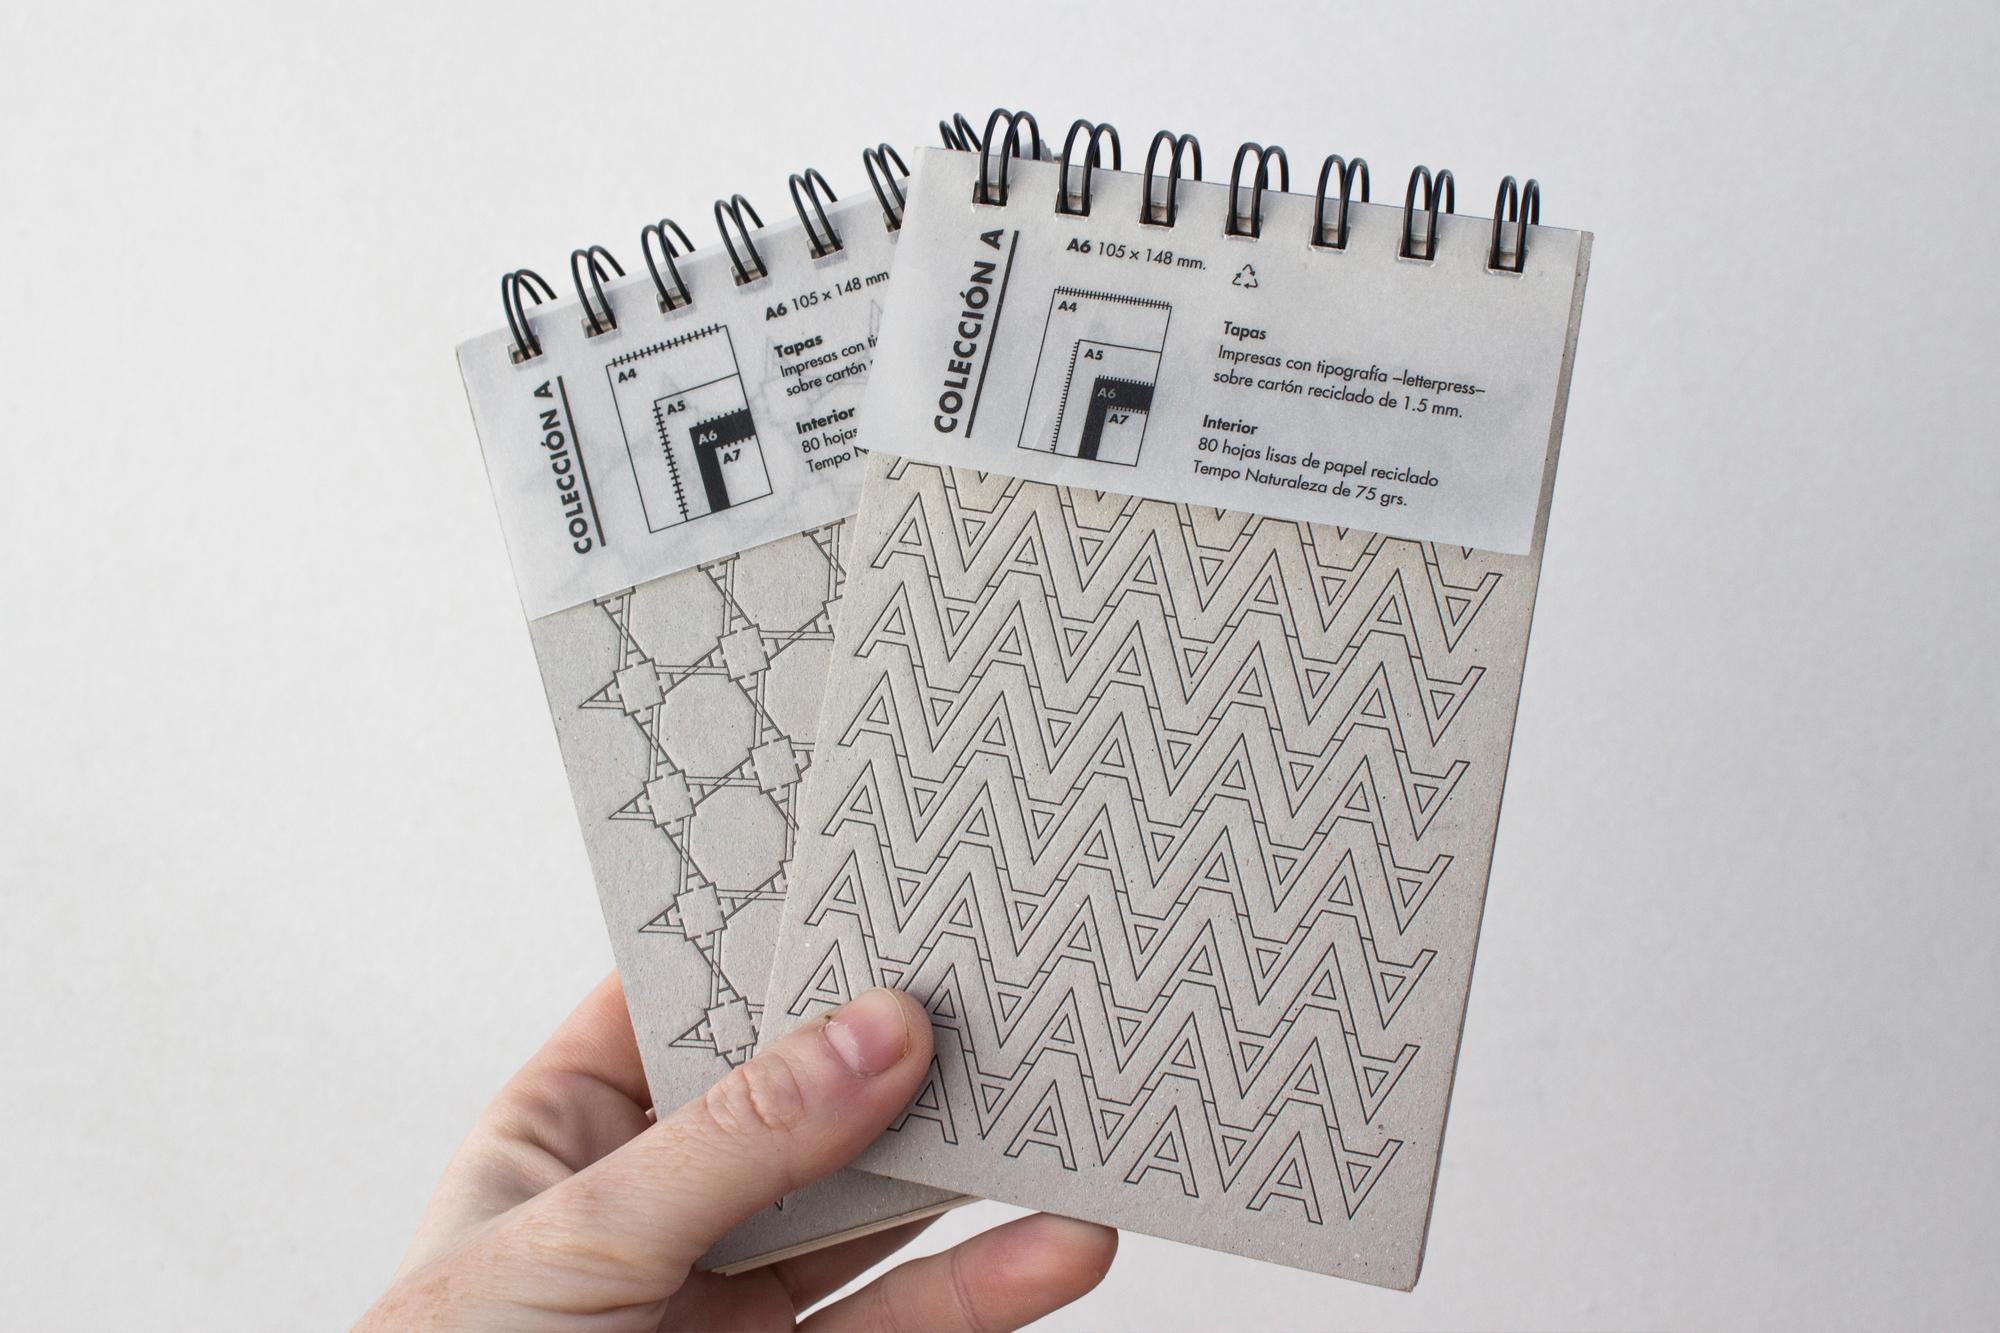 home-anotador-a6-coleccion-colecciona-papel-principal-letterpress-imprenta-tipografica-1.jpg